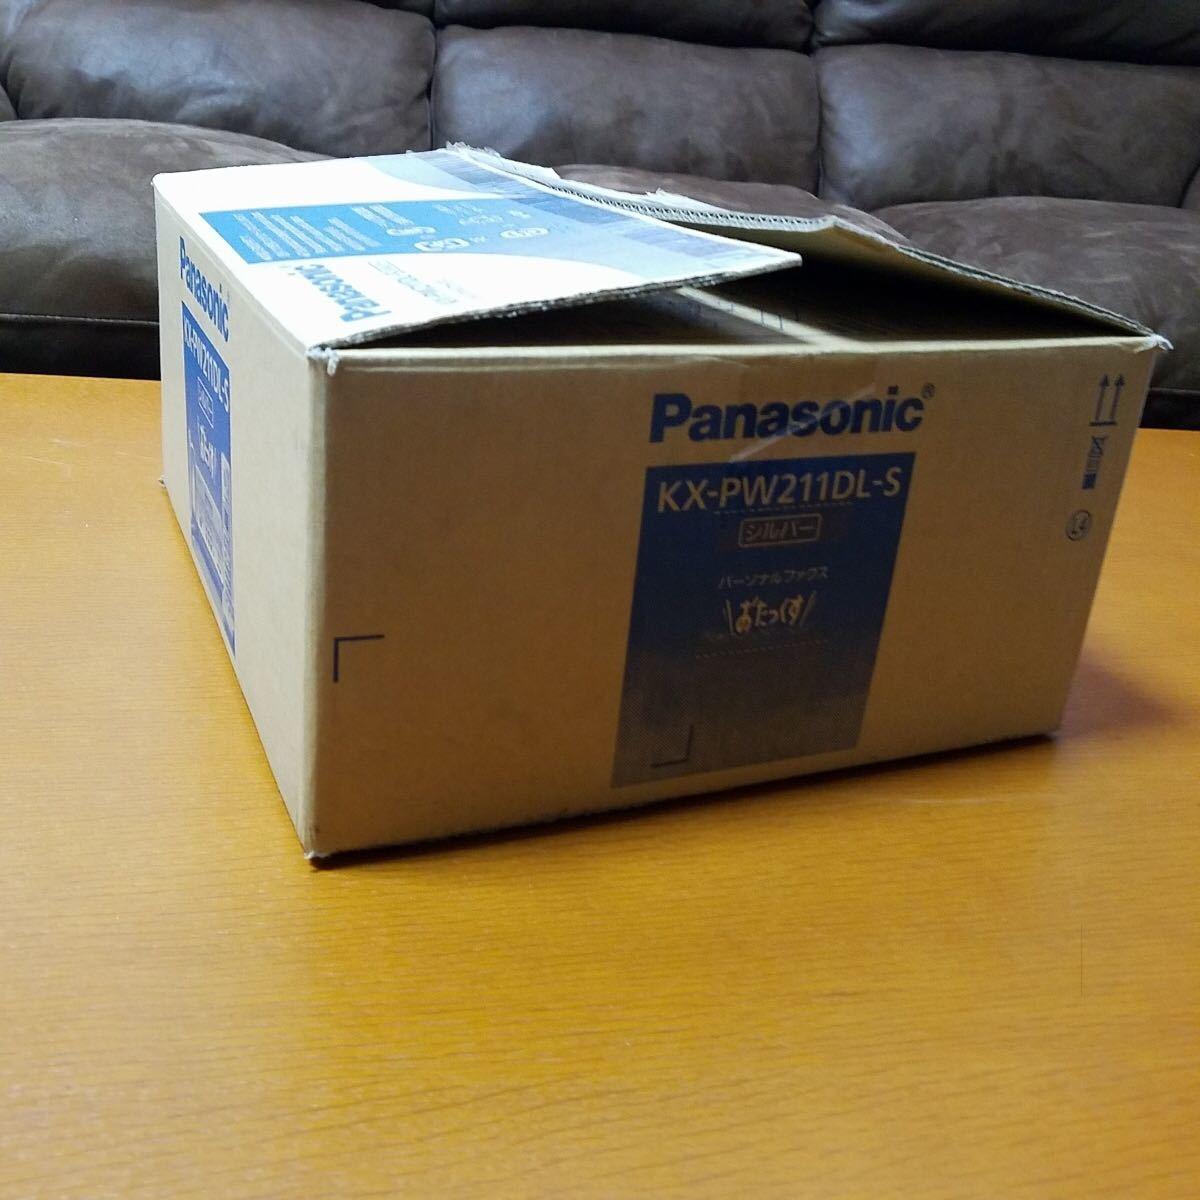 元箱入り 美品 Panasonic KX-PW211DL-S パナソニック パーソナルファックス おたっくす 電話機 親機_画像9